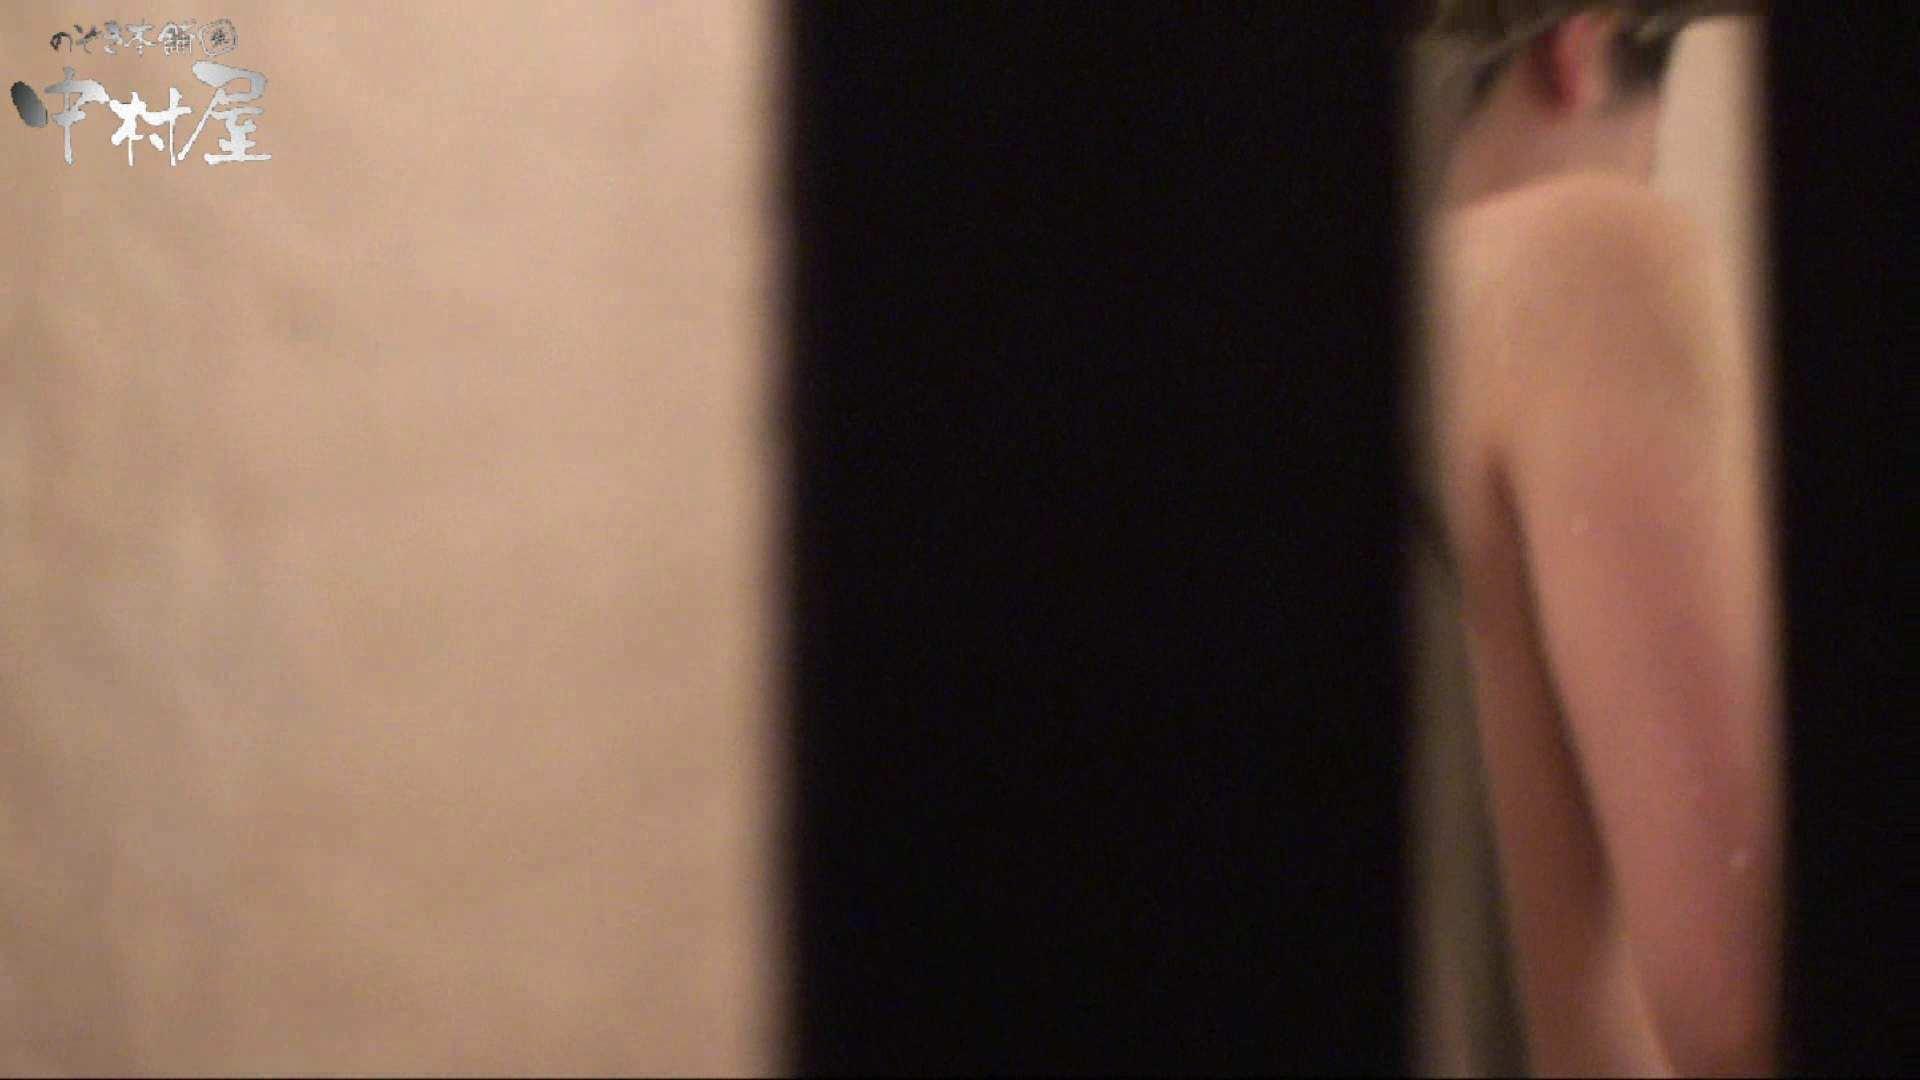 民家盗撮 隙間の向こう側 vol.01 シャワー アダルト動画キャプチャ 105PICs 31